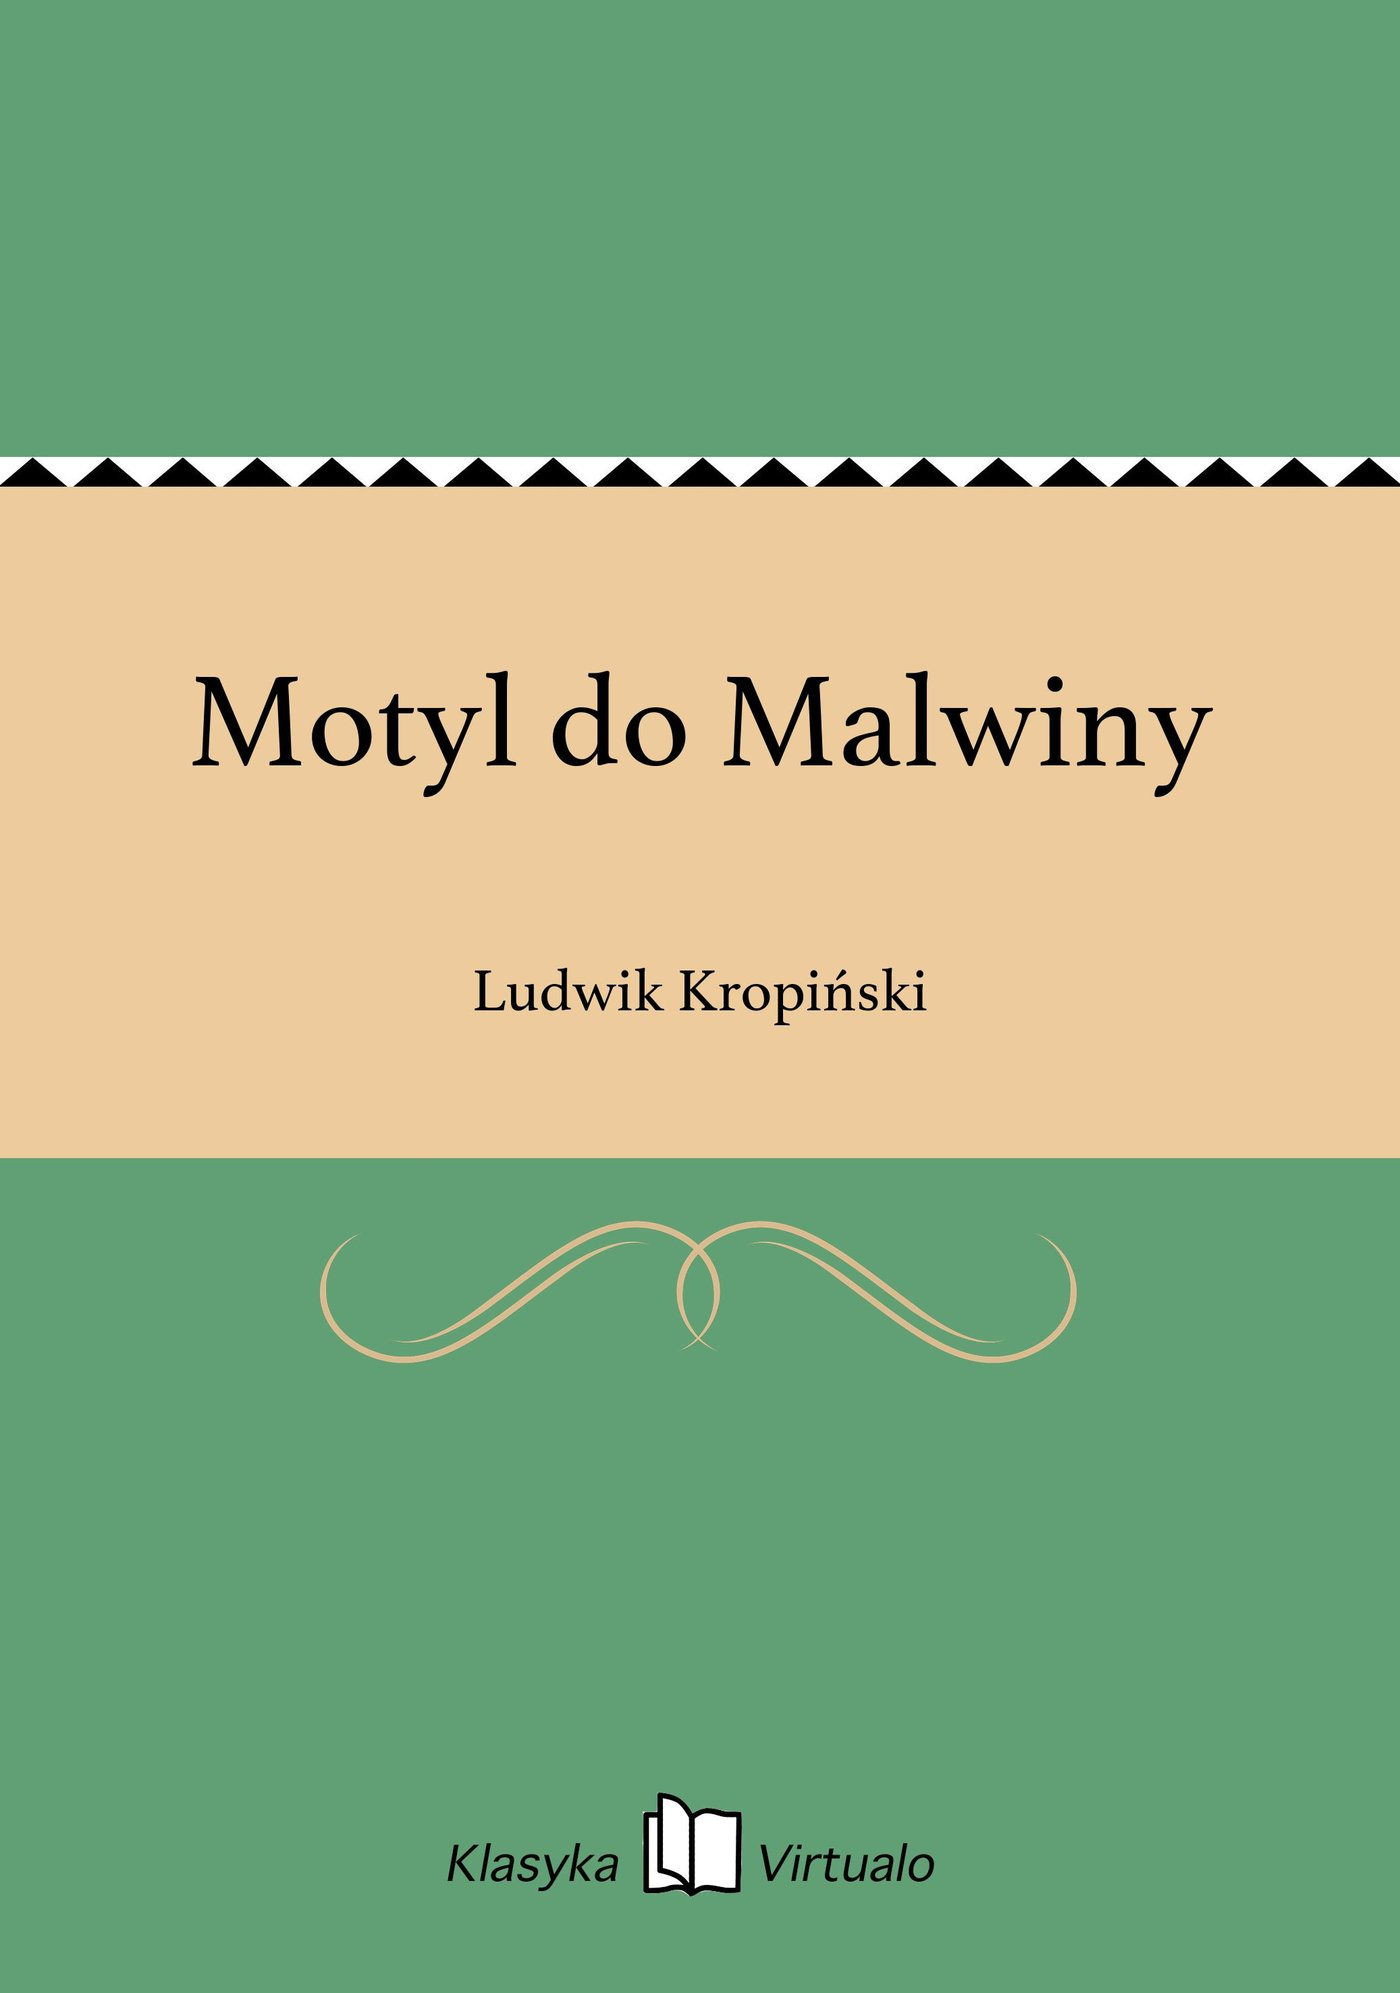 Motyl do Malwiny - Ebook (Książka EPUB) do pobrania w formacie EPUB